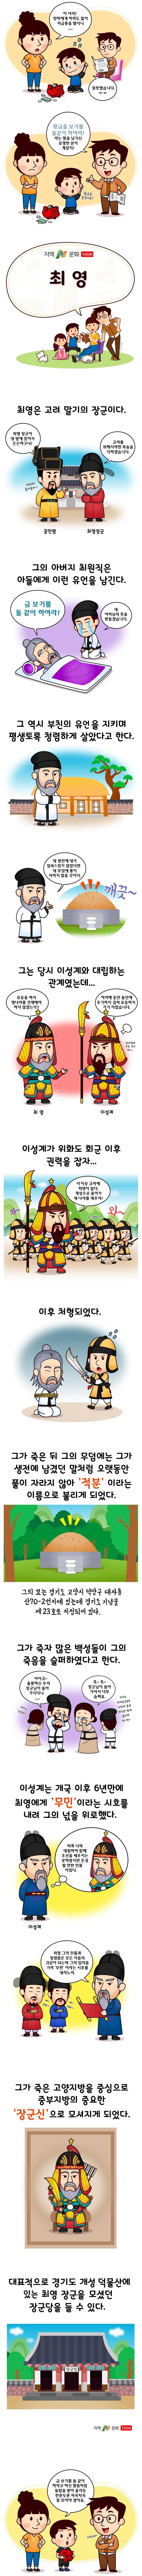 중부지방의 무속신앙에서 모시는 장군신 중의 하나로 '최일 장군'이라고도 부른다. 서울 굿에서는 '상산'이라고 하여 가장 중요한 신격으로 여긴다.